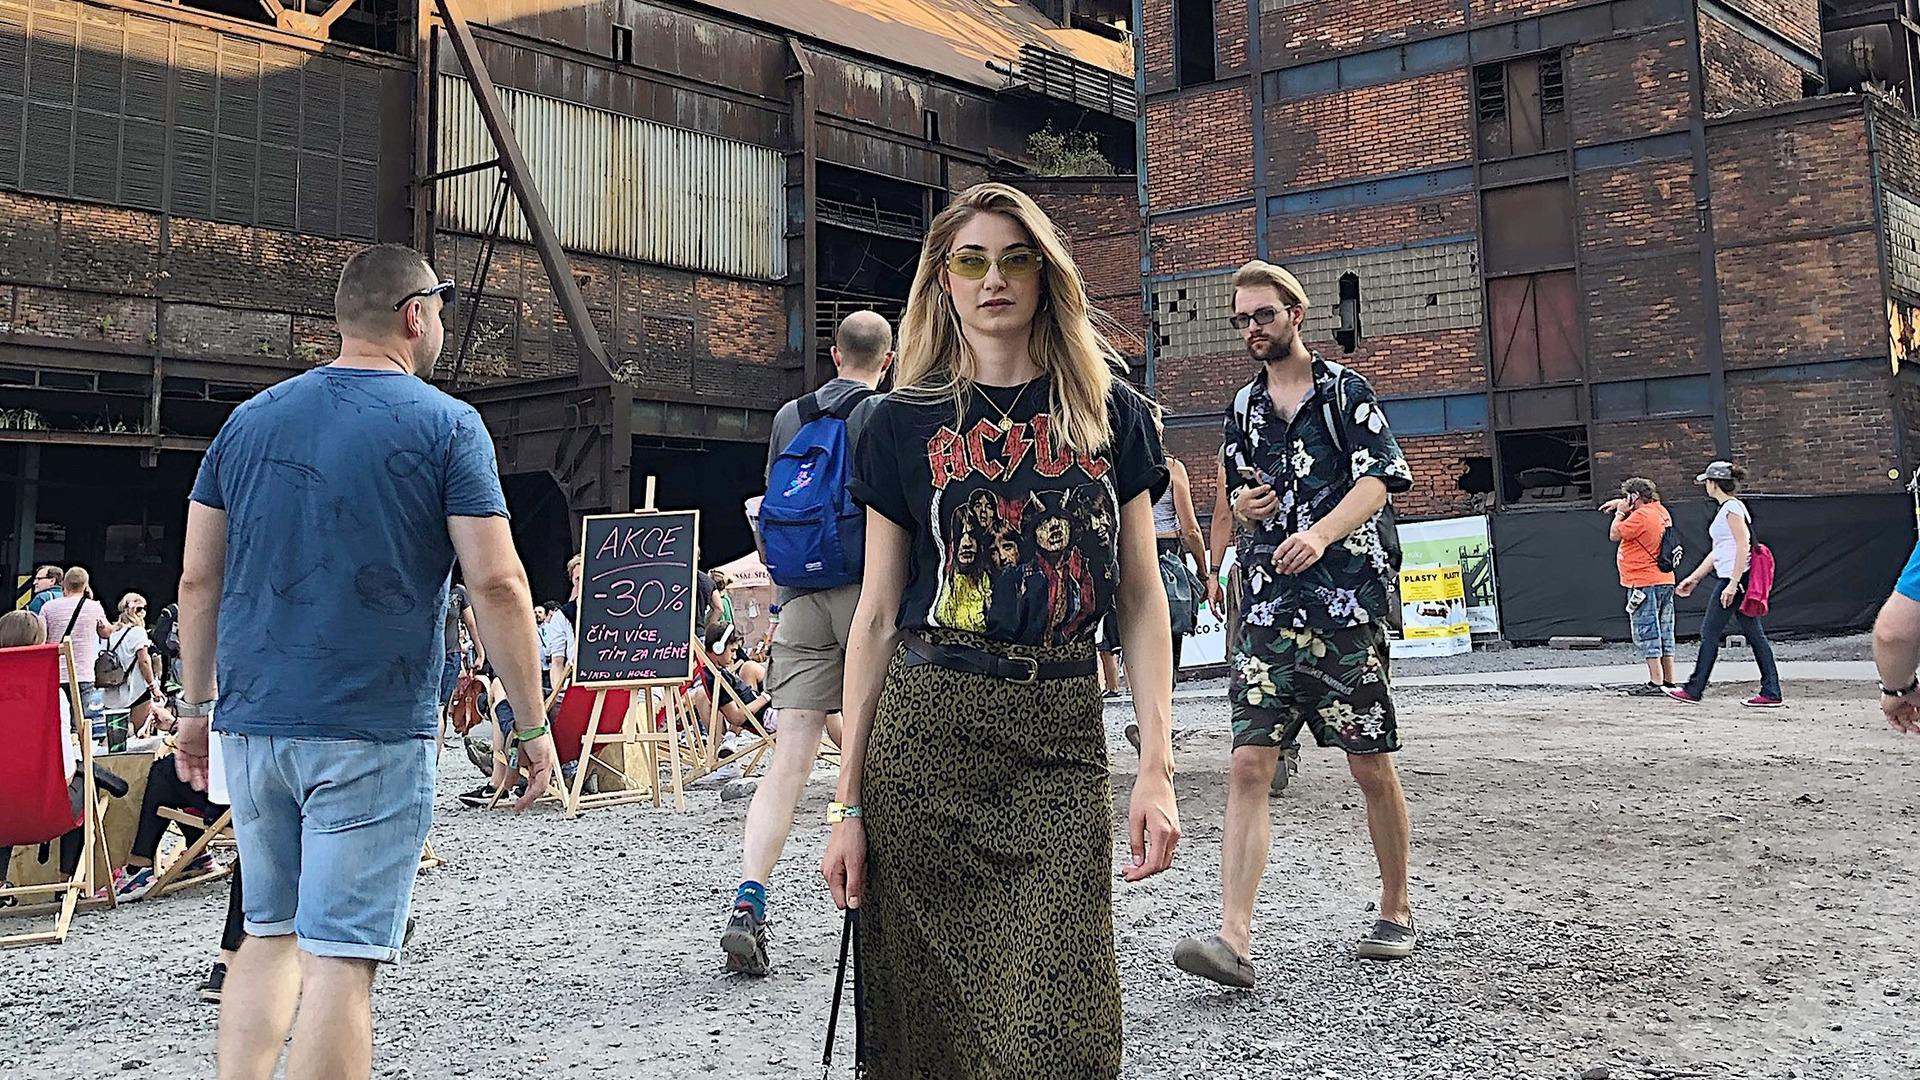 Festivalová módní nálož – 24 skvělých outfitů z Colours of Ostrava